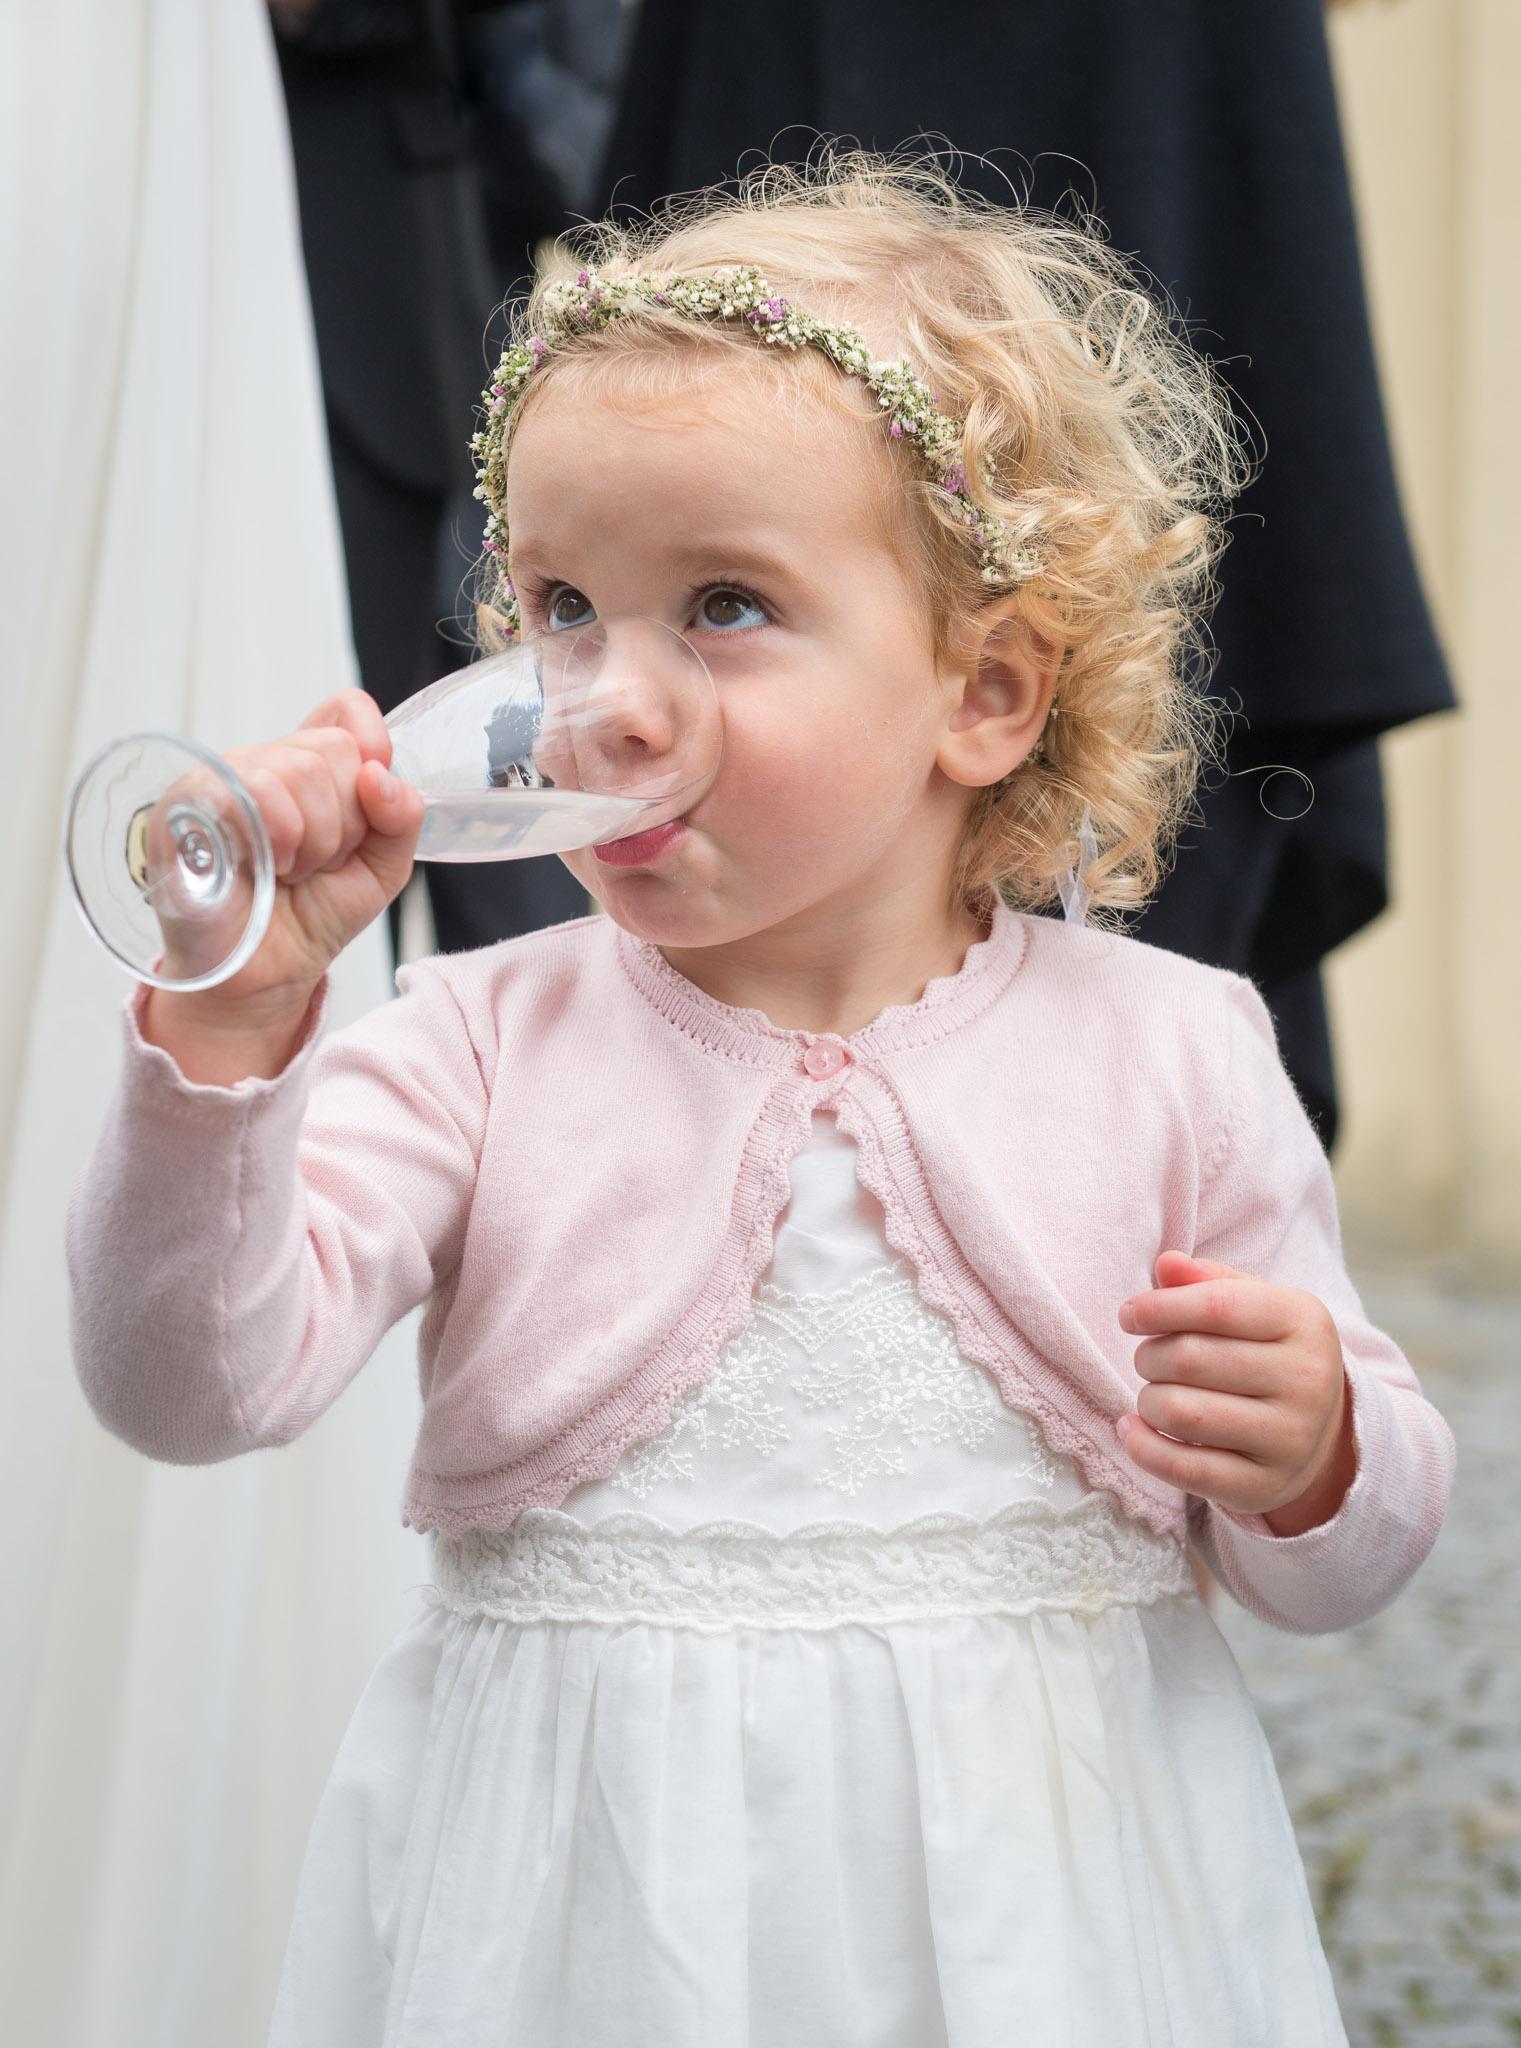 Mädel trinkt Wasser aus einem Sektglas